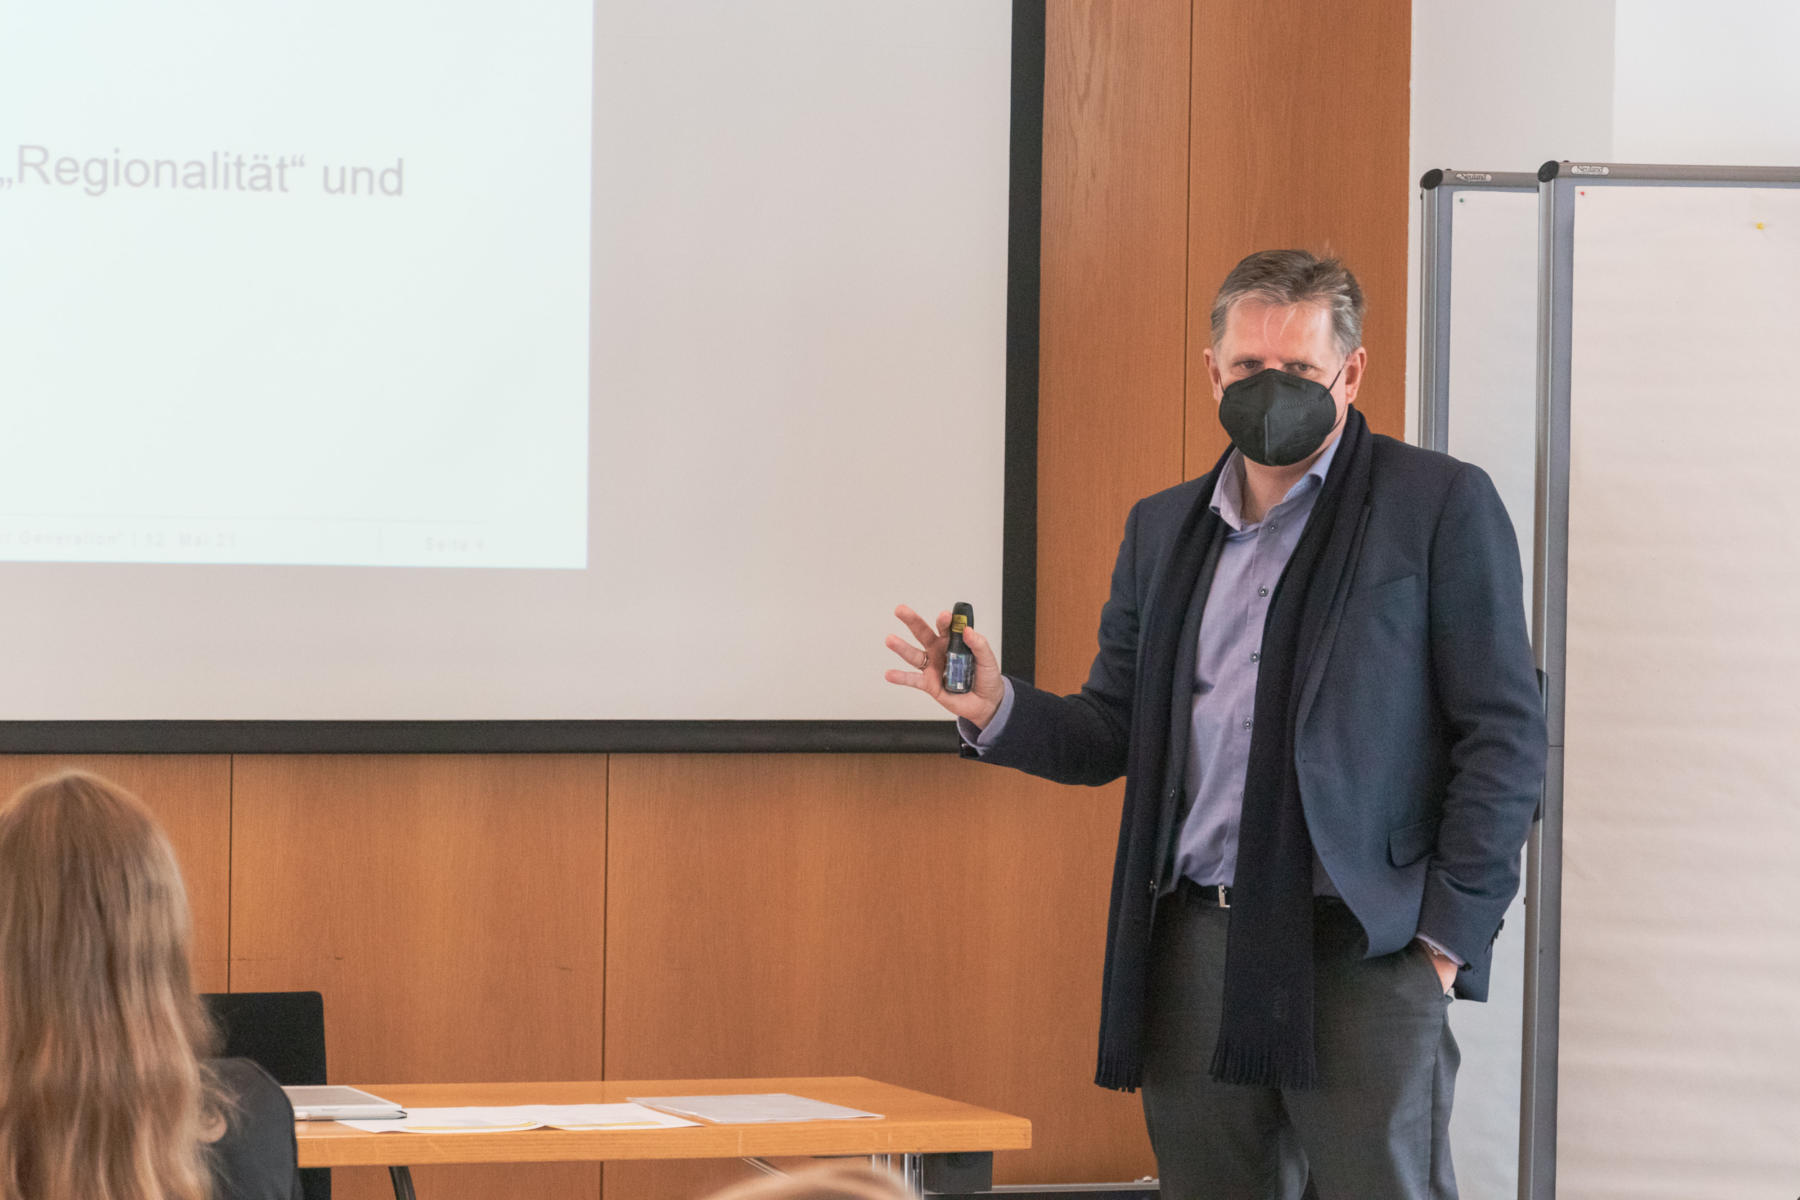 vorarlberg tourismus workshop 2 1800x1200 - Spannende Fokusgruppen und Fach-Workshops zur Evaluierung der bisherigen Tourismusstrategie